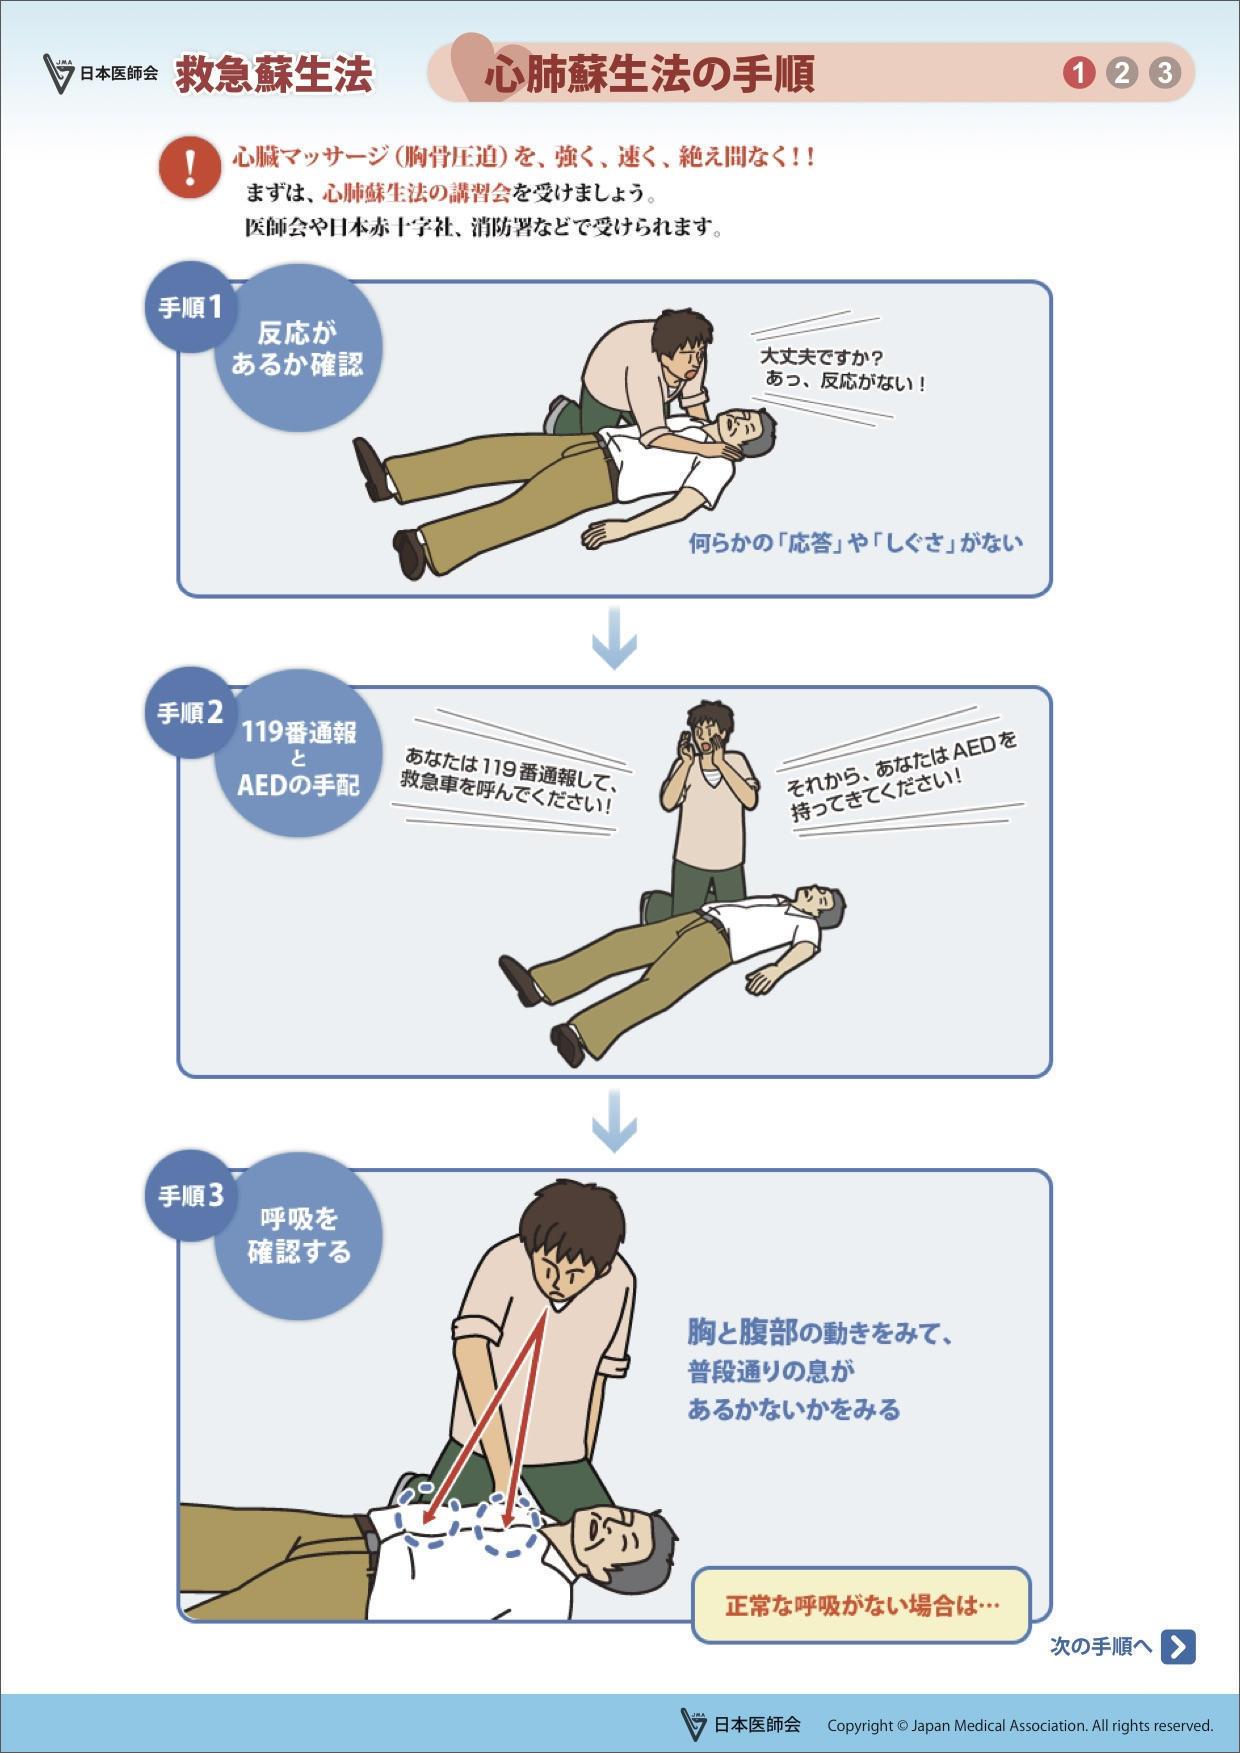 心肺蘇生法の手順